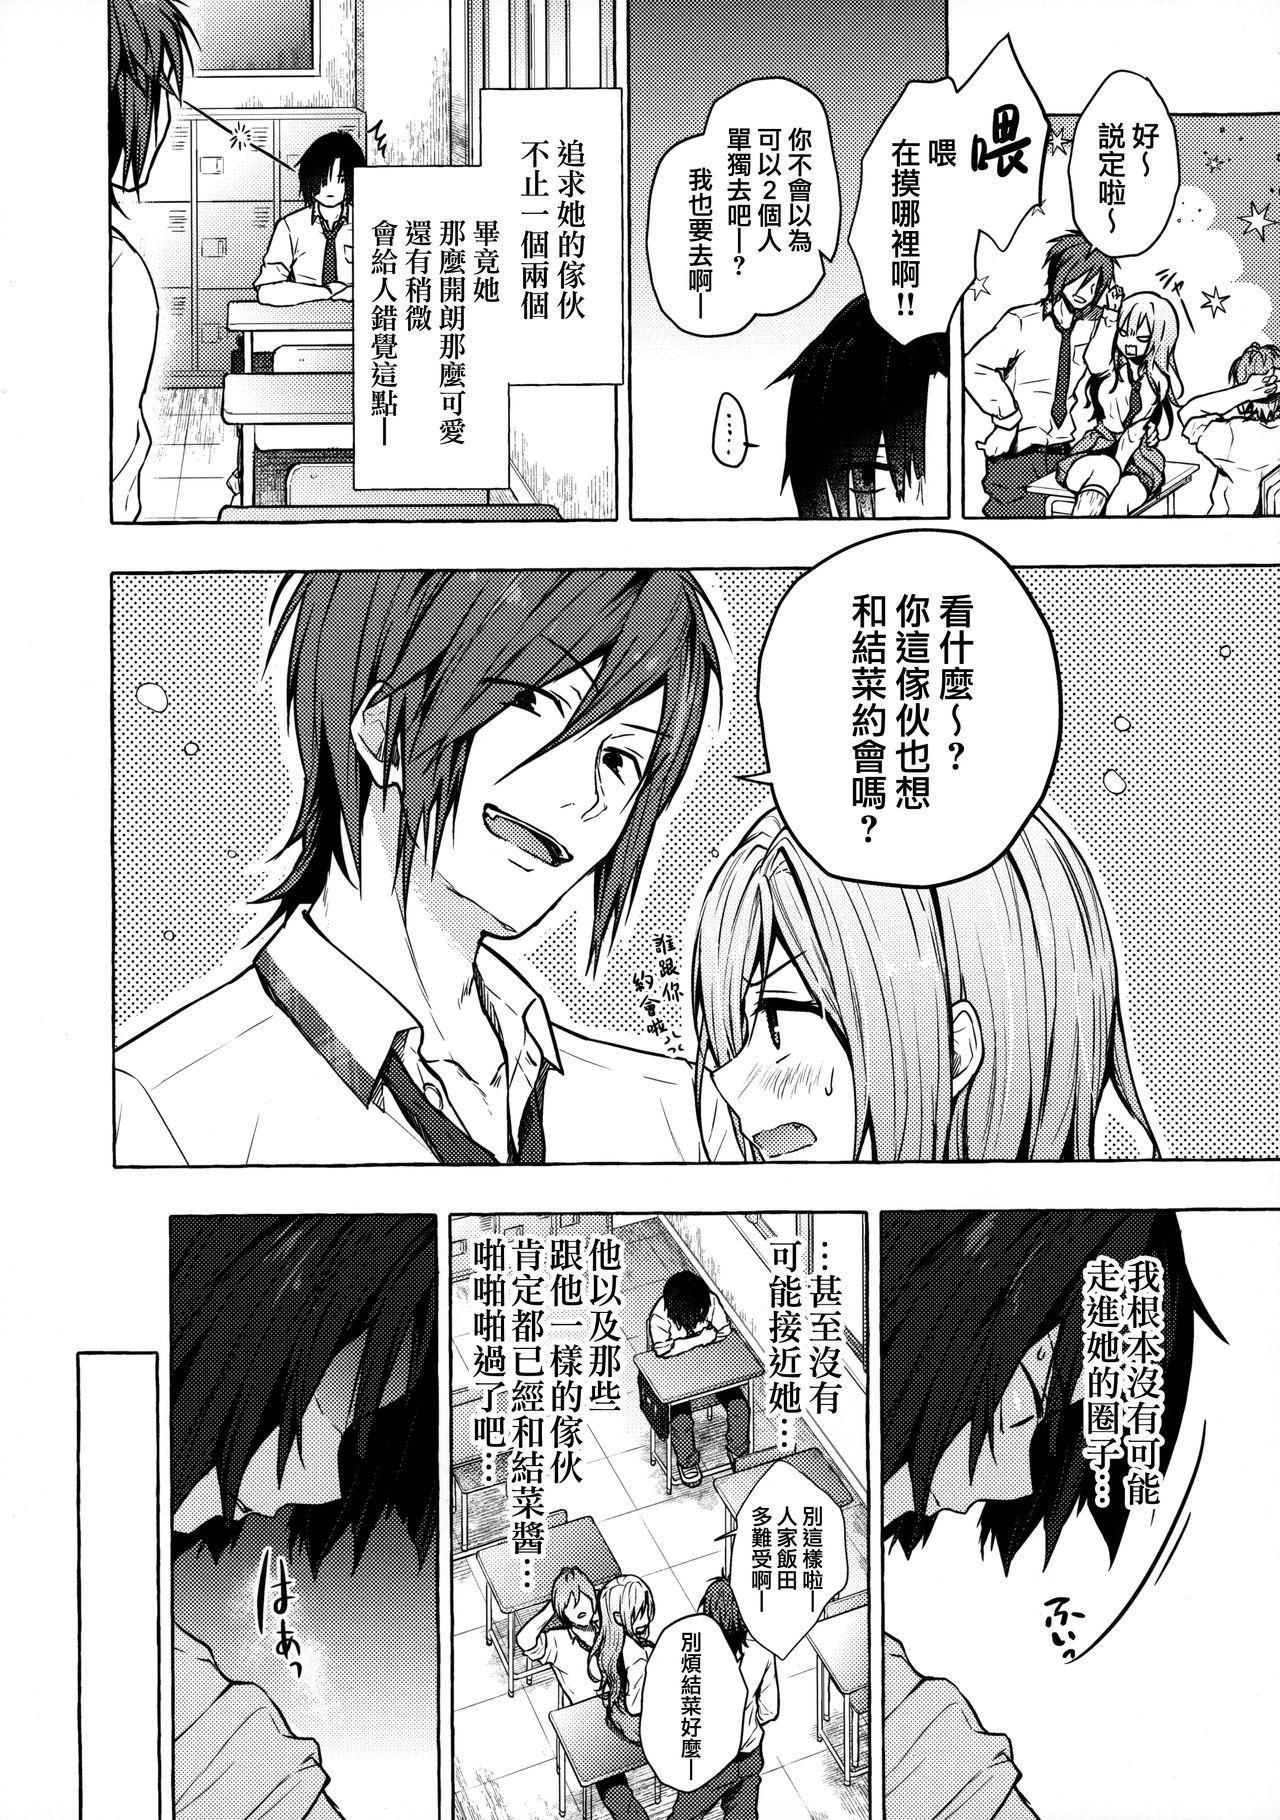 (C96) [Kinokonomi (konomi)] Gal Yuina-chan to Ecchi -Kataomoi no Kanojo ga Boku ni Sekimen!?- [Chinese] [兔司姬漢化組] 6